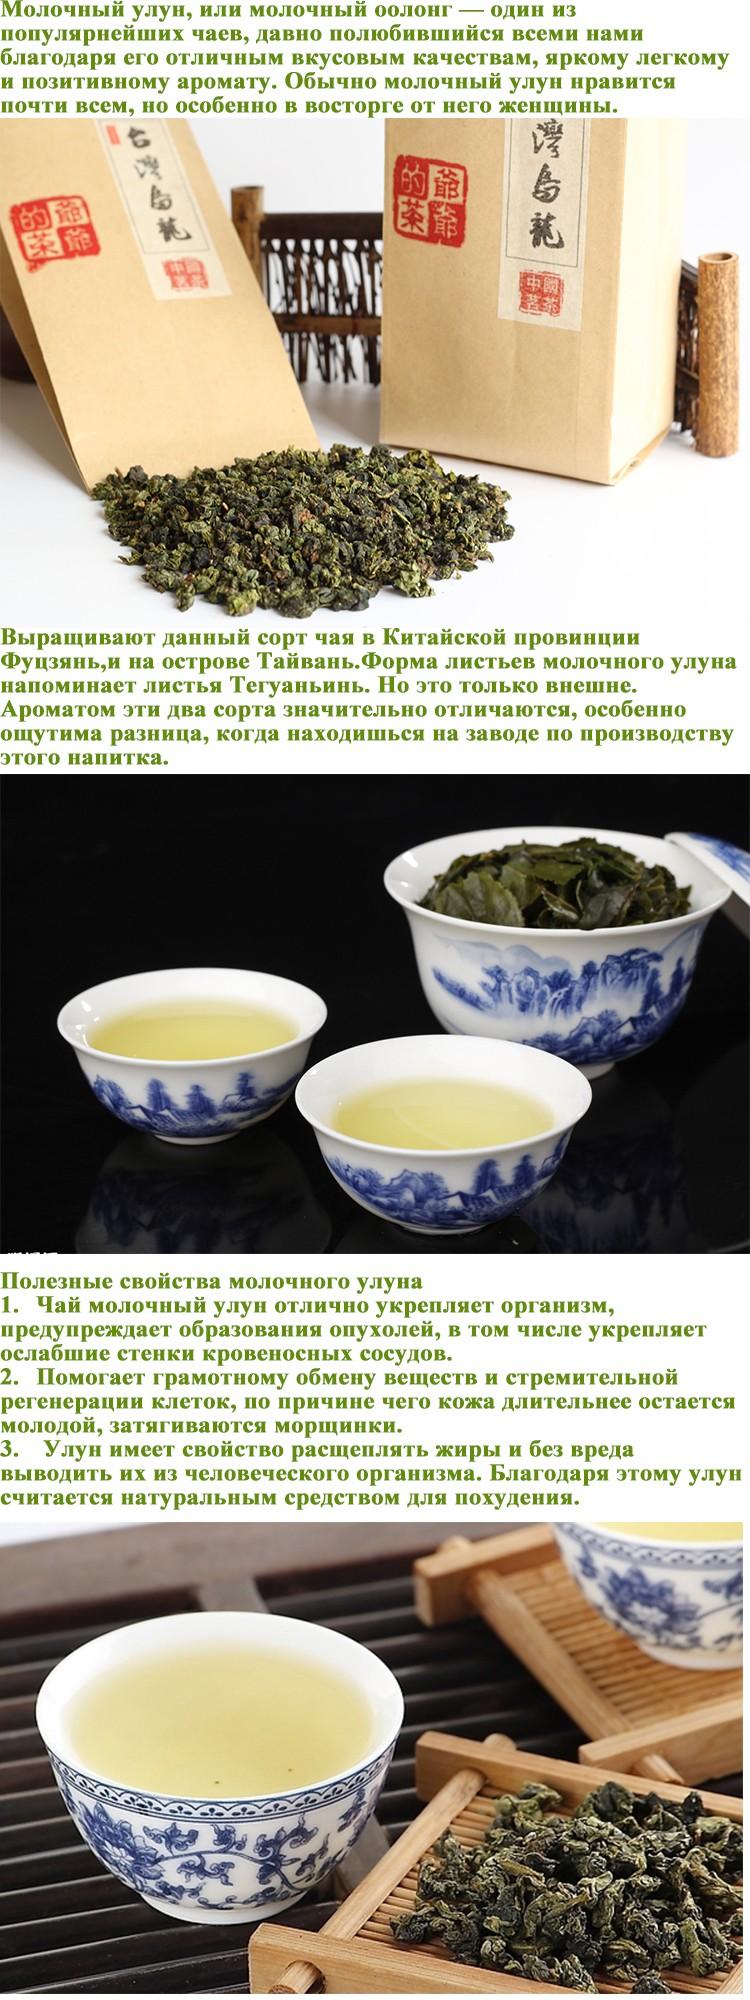 улун чай белый фото